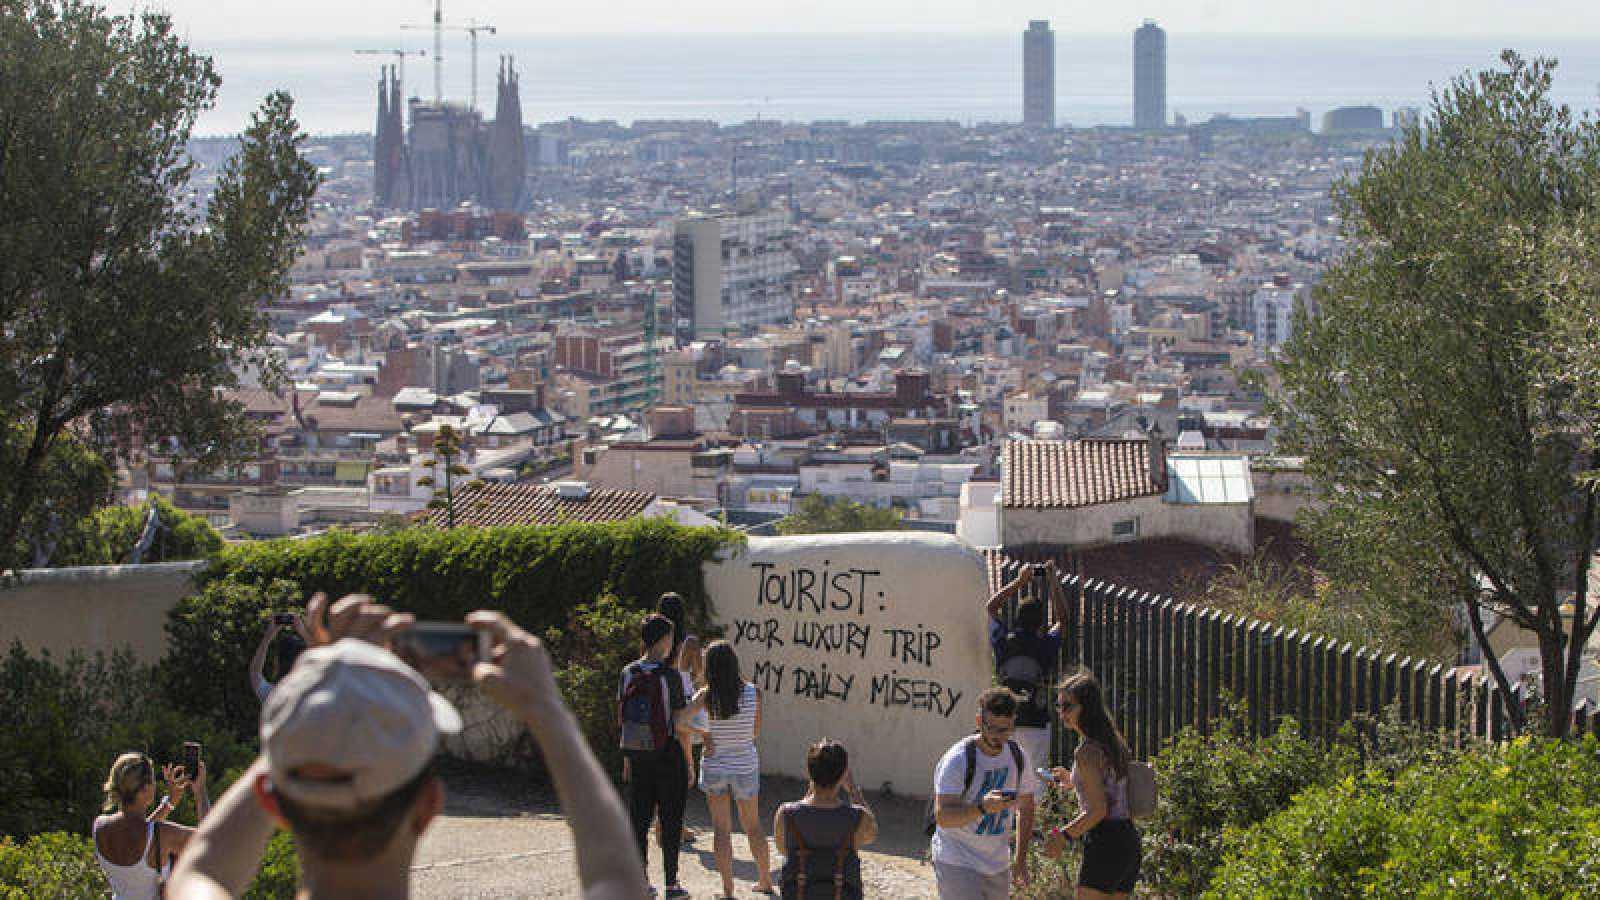 Un grupo de turistas pasea por los alrededores del Parque Güell de Barcelona